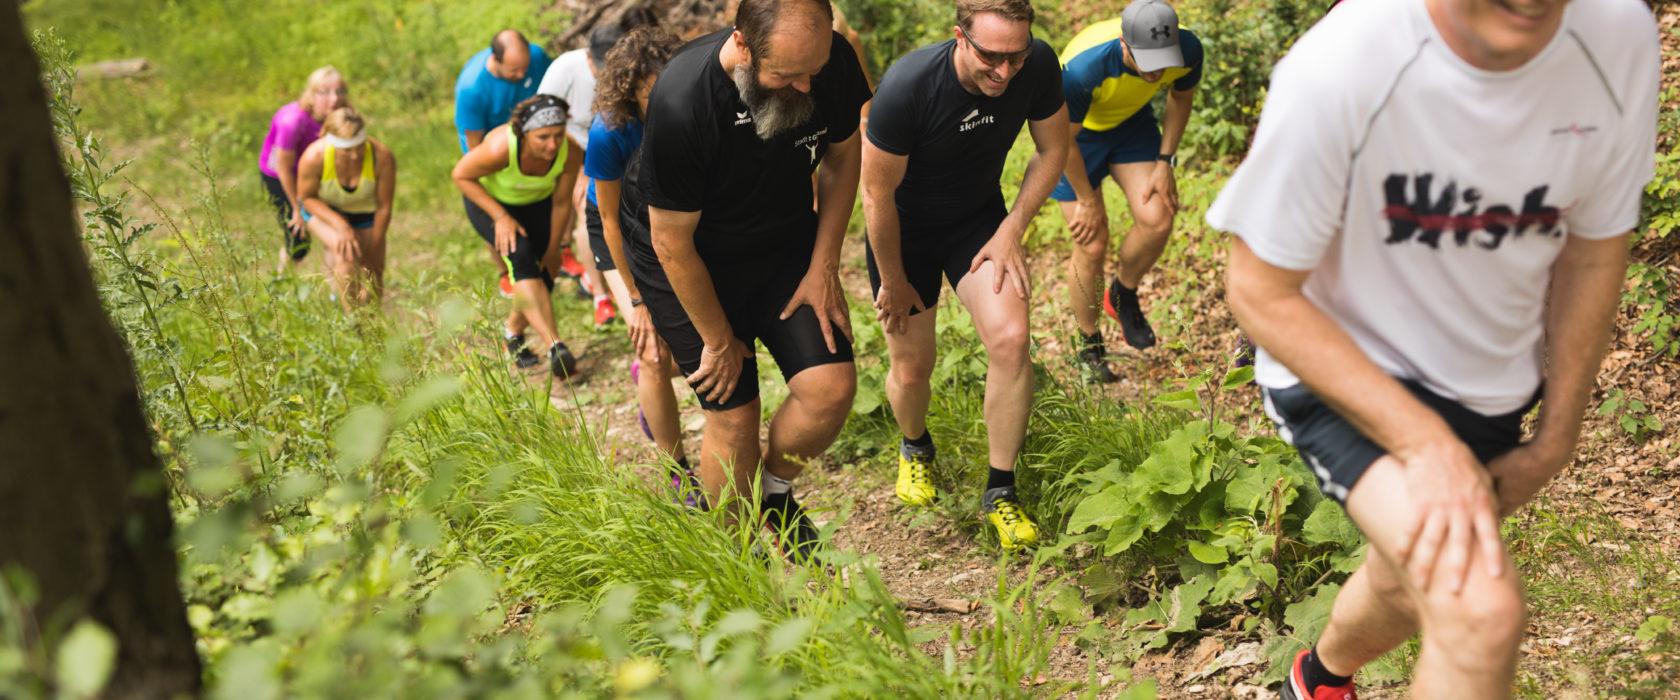 aufstieg technik trailrunning